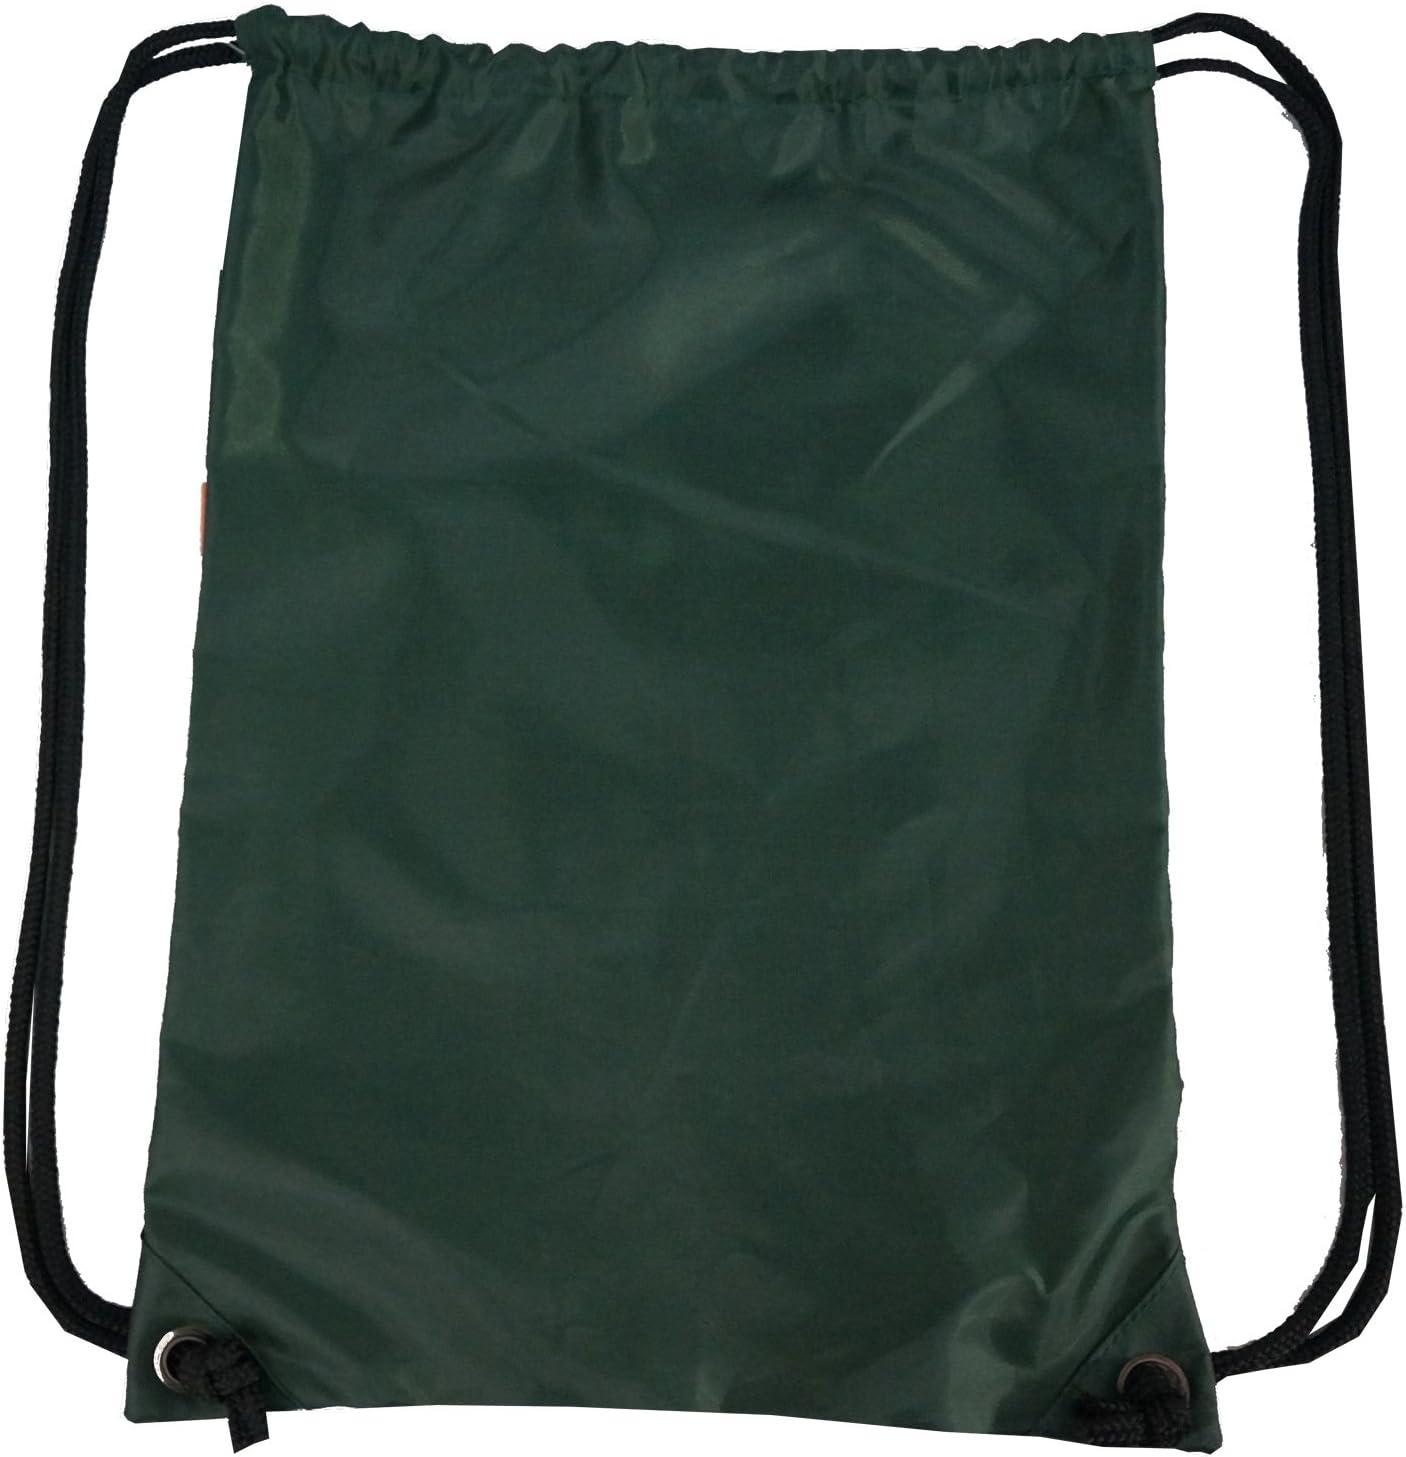 Drawstring Backpack Pack Sport Gymsack Some reservation Gym Sack Cinch Bag Sh Max 87% OFF